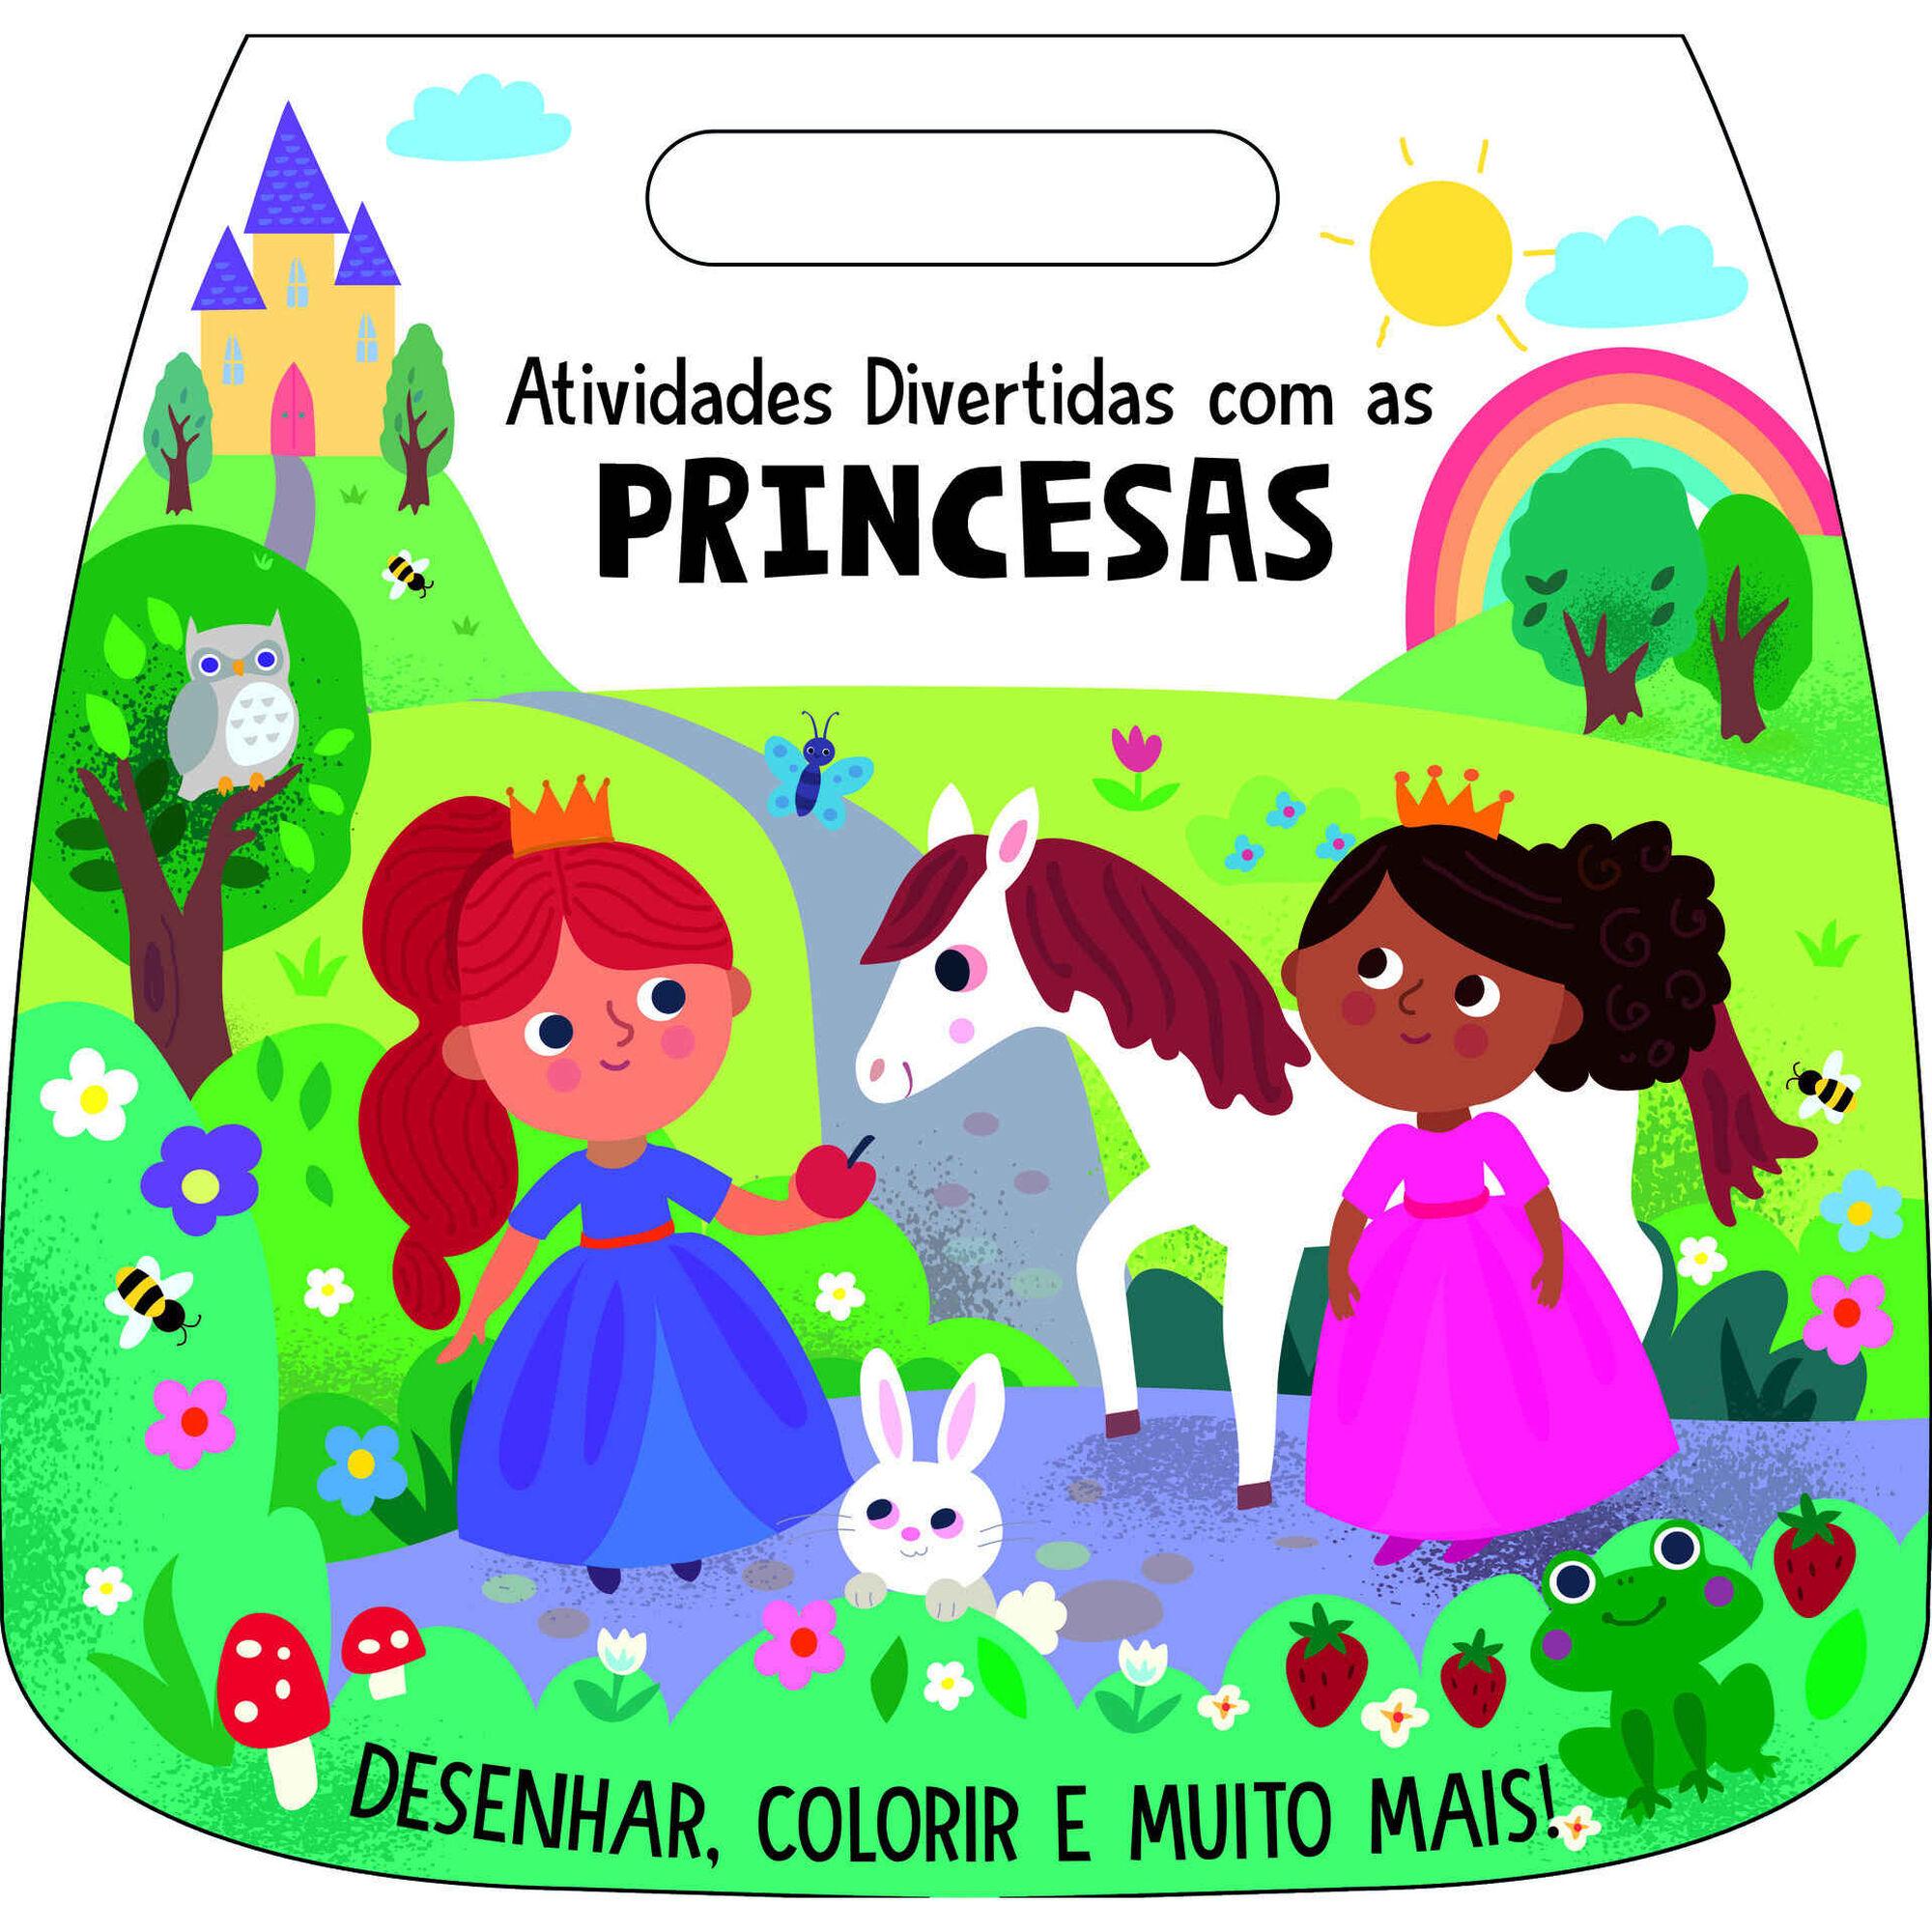 Atividades Divertidas Com as Princesas